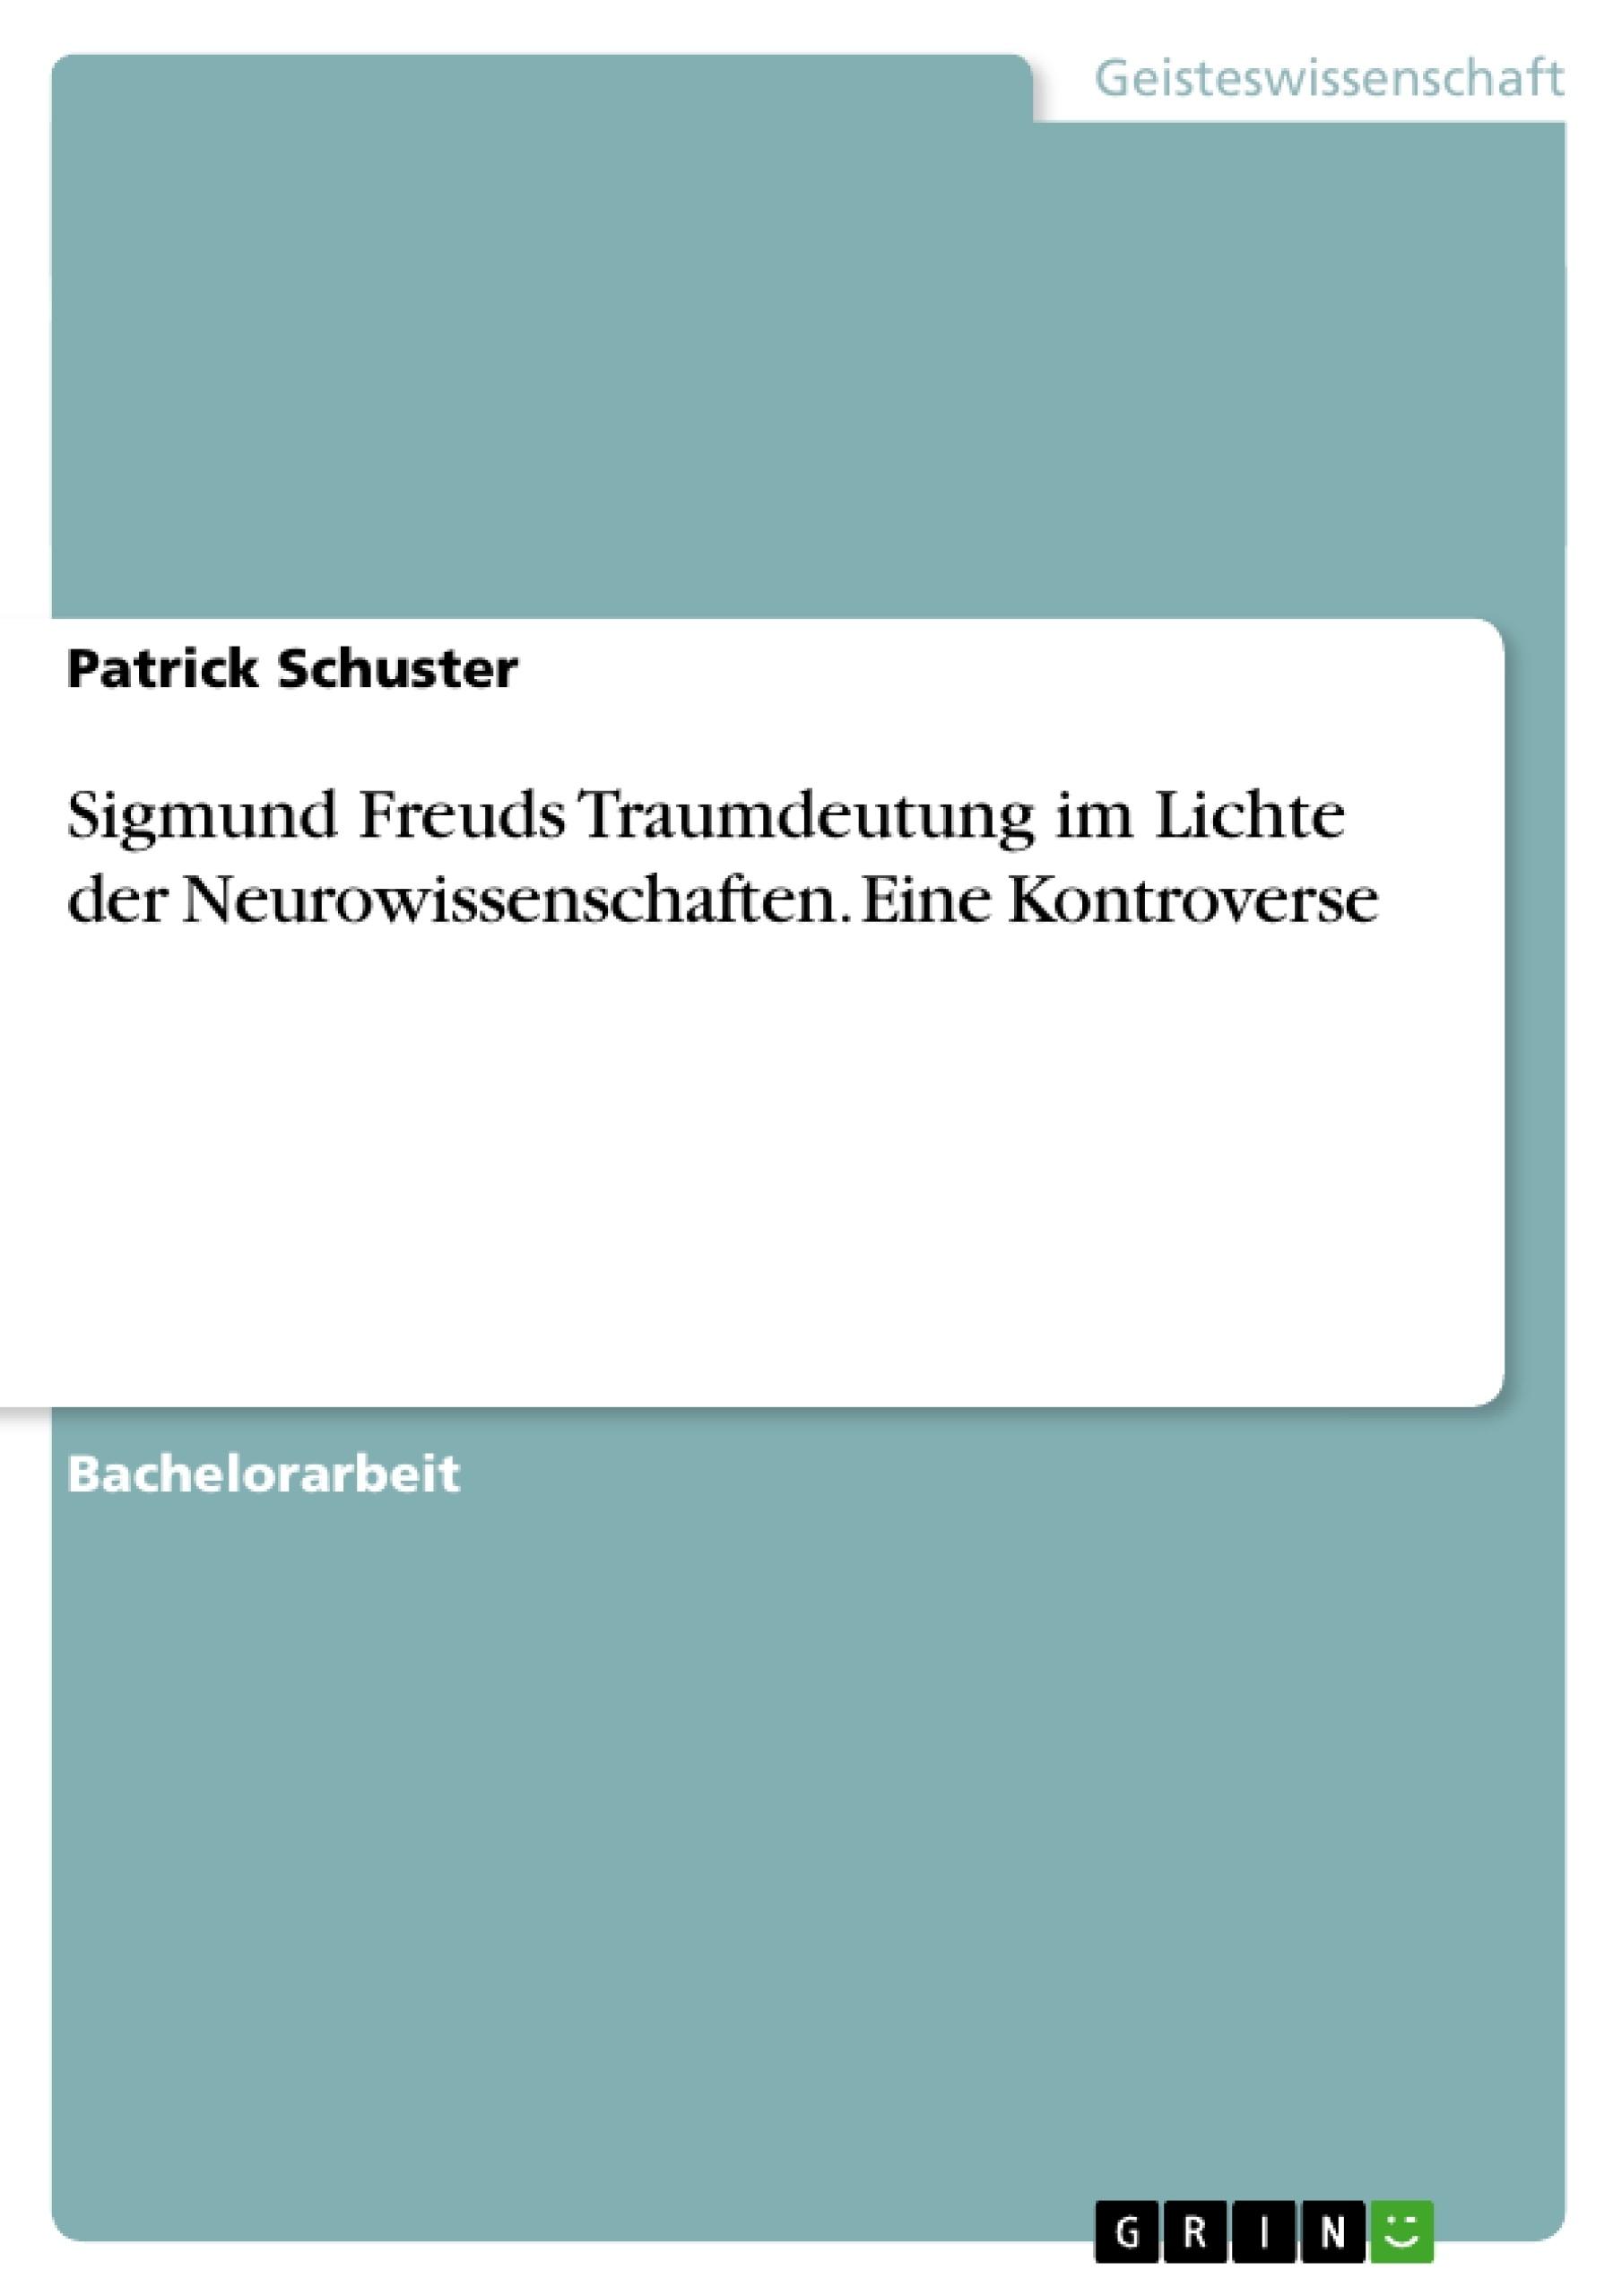 Titel: Sigmund Freuds Traumdeutung im Lichte der Neurowissenschaften. Eine Kontroverse